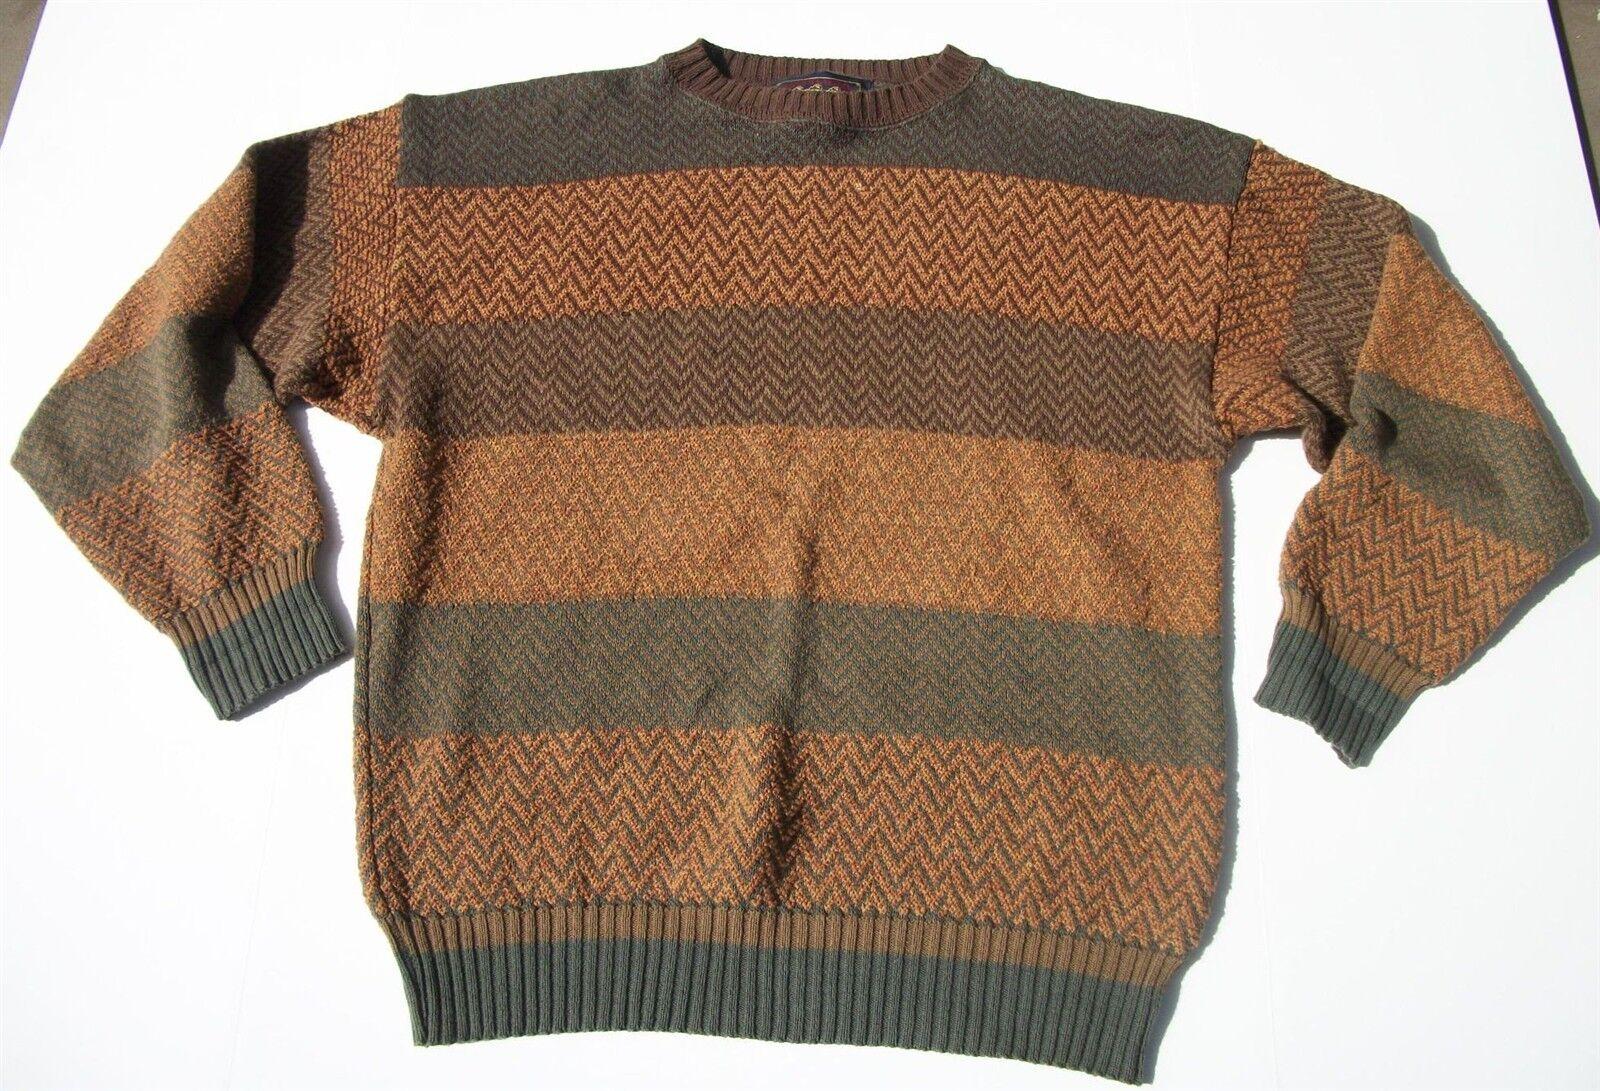 Vintage Chaps Ralph Lauren SCOUT Label Sweater Autumn colors Green Brown gold L